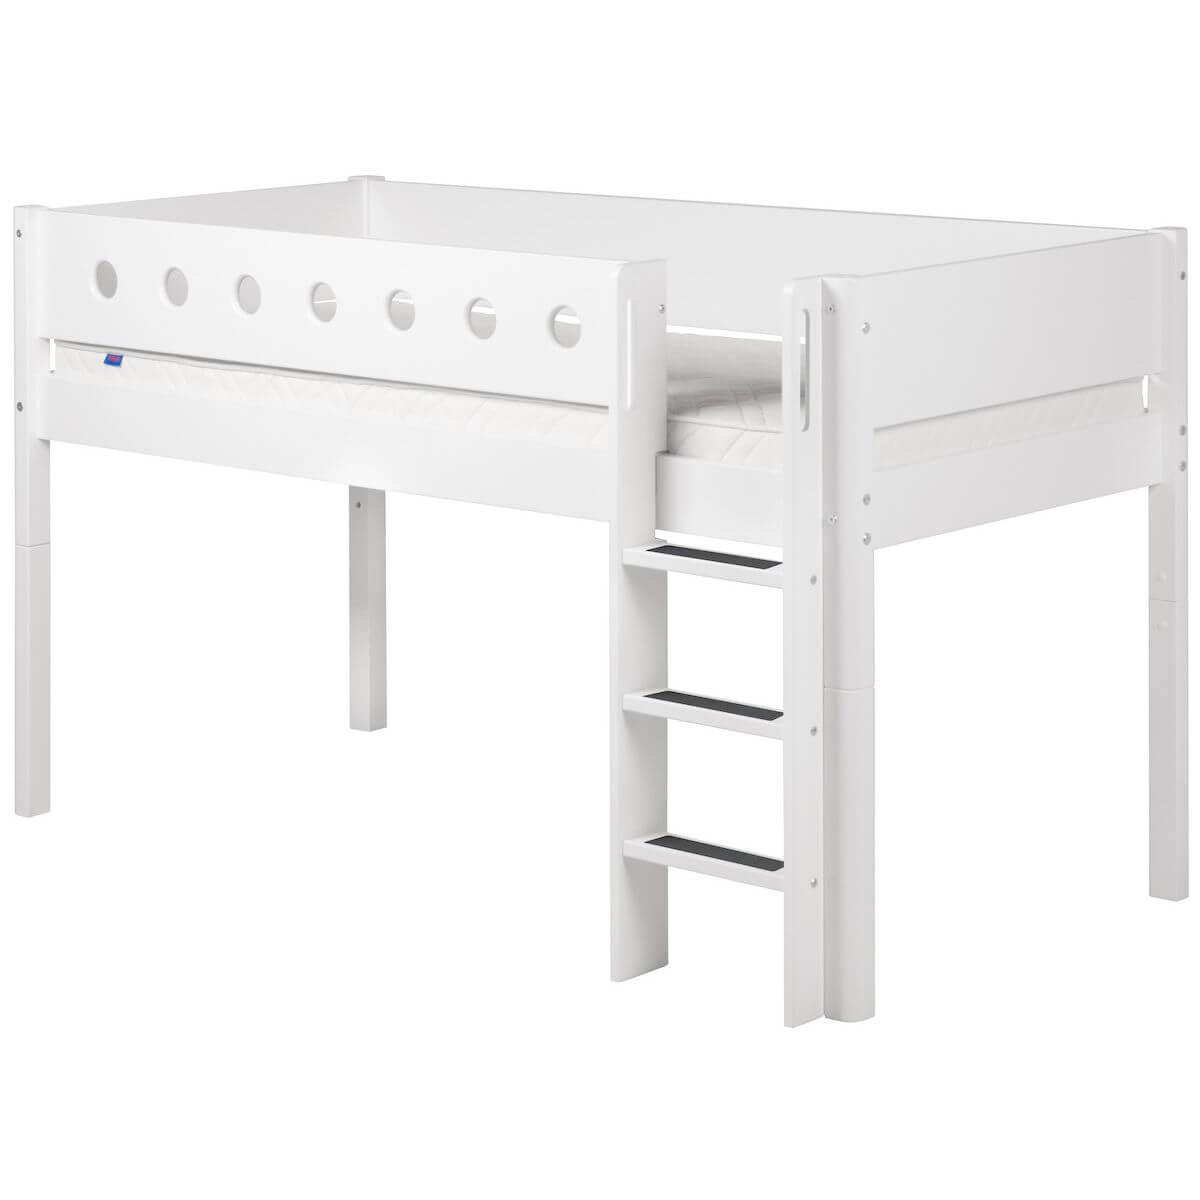 Halbhohes Bett 90x190 cm mit gerader Leiter WHITE by Flexa weiß